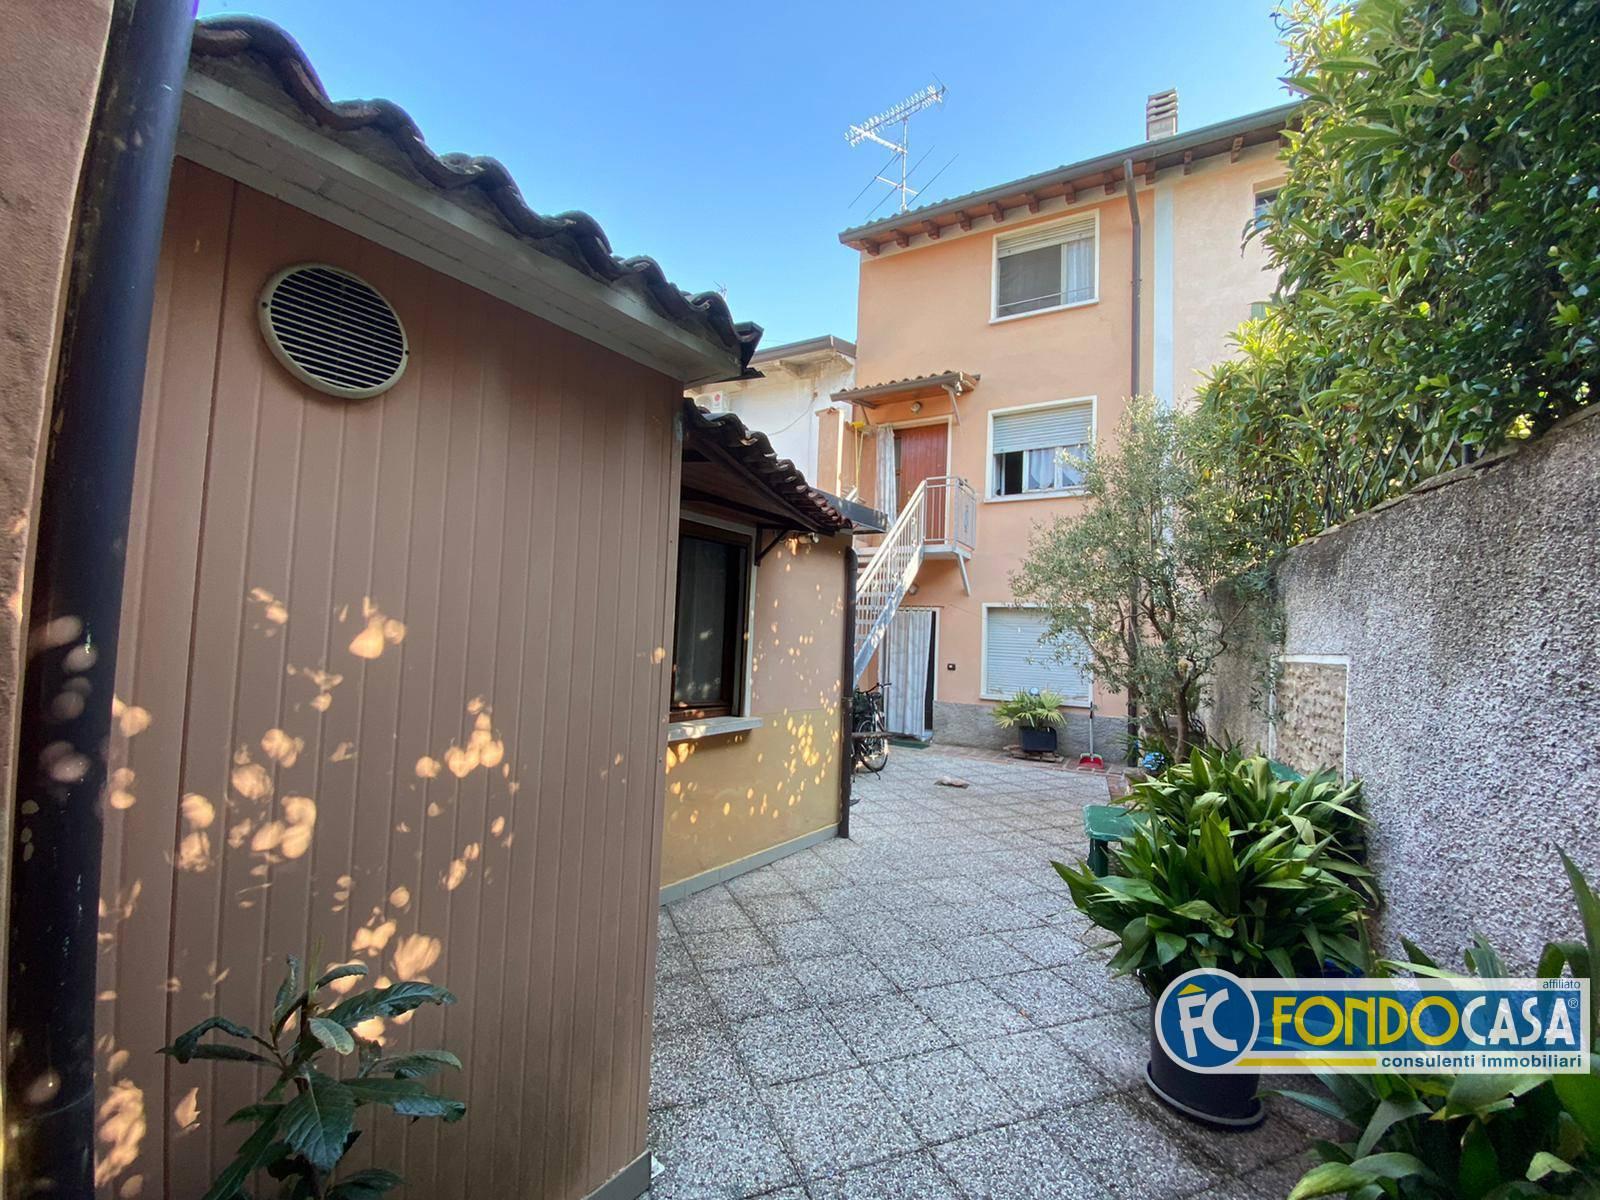 Appartamento in vendita a Castiglione delle Stiviere, 2 locali, prezzo € 79.800 | CambioCasa.it